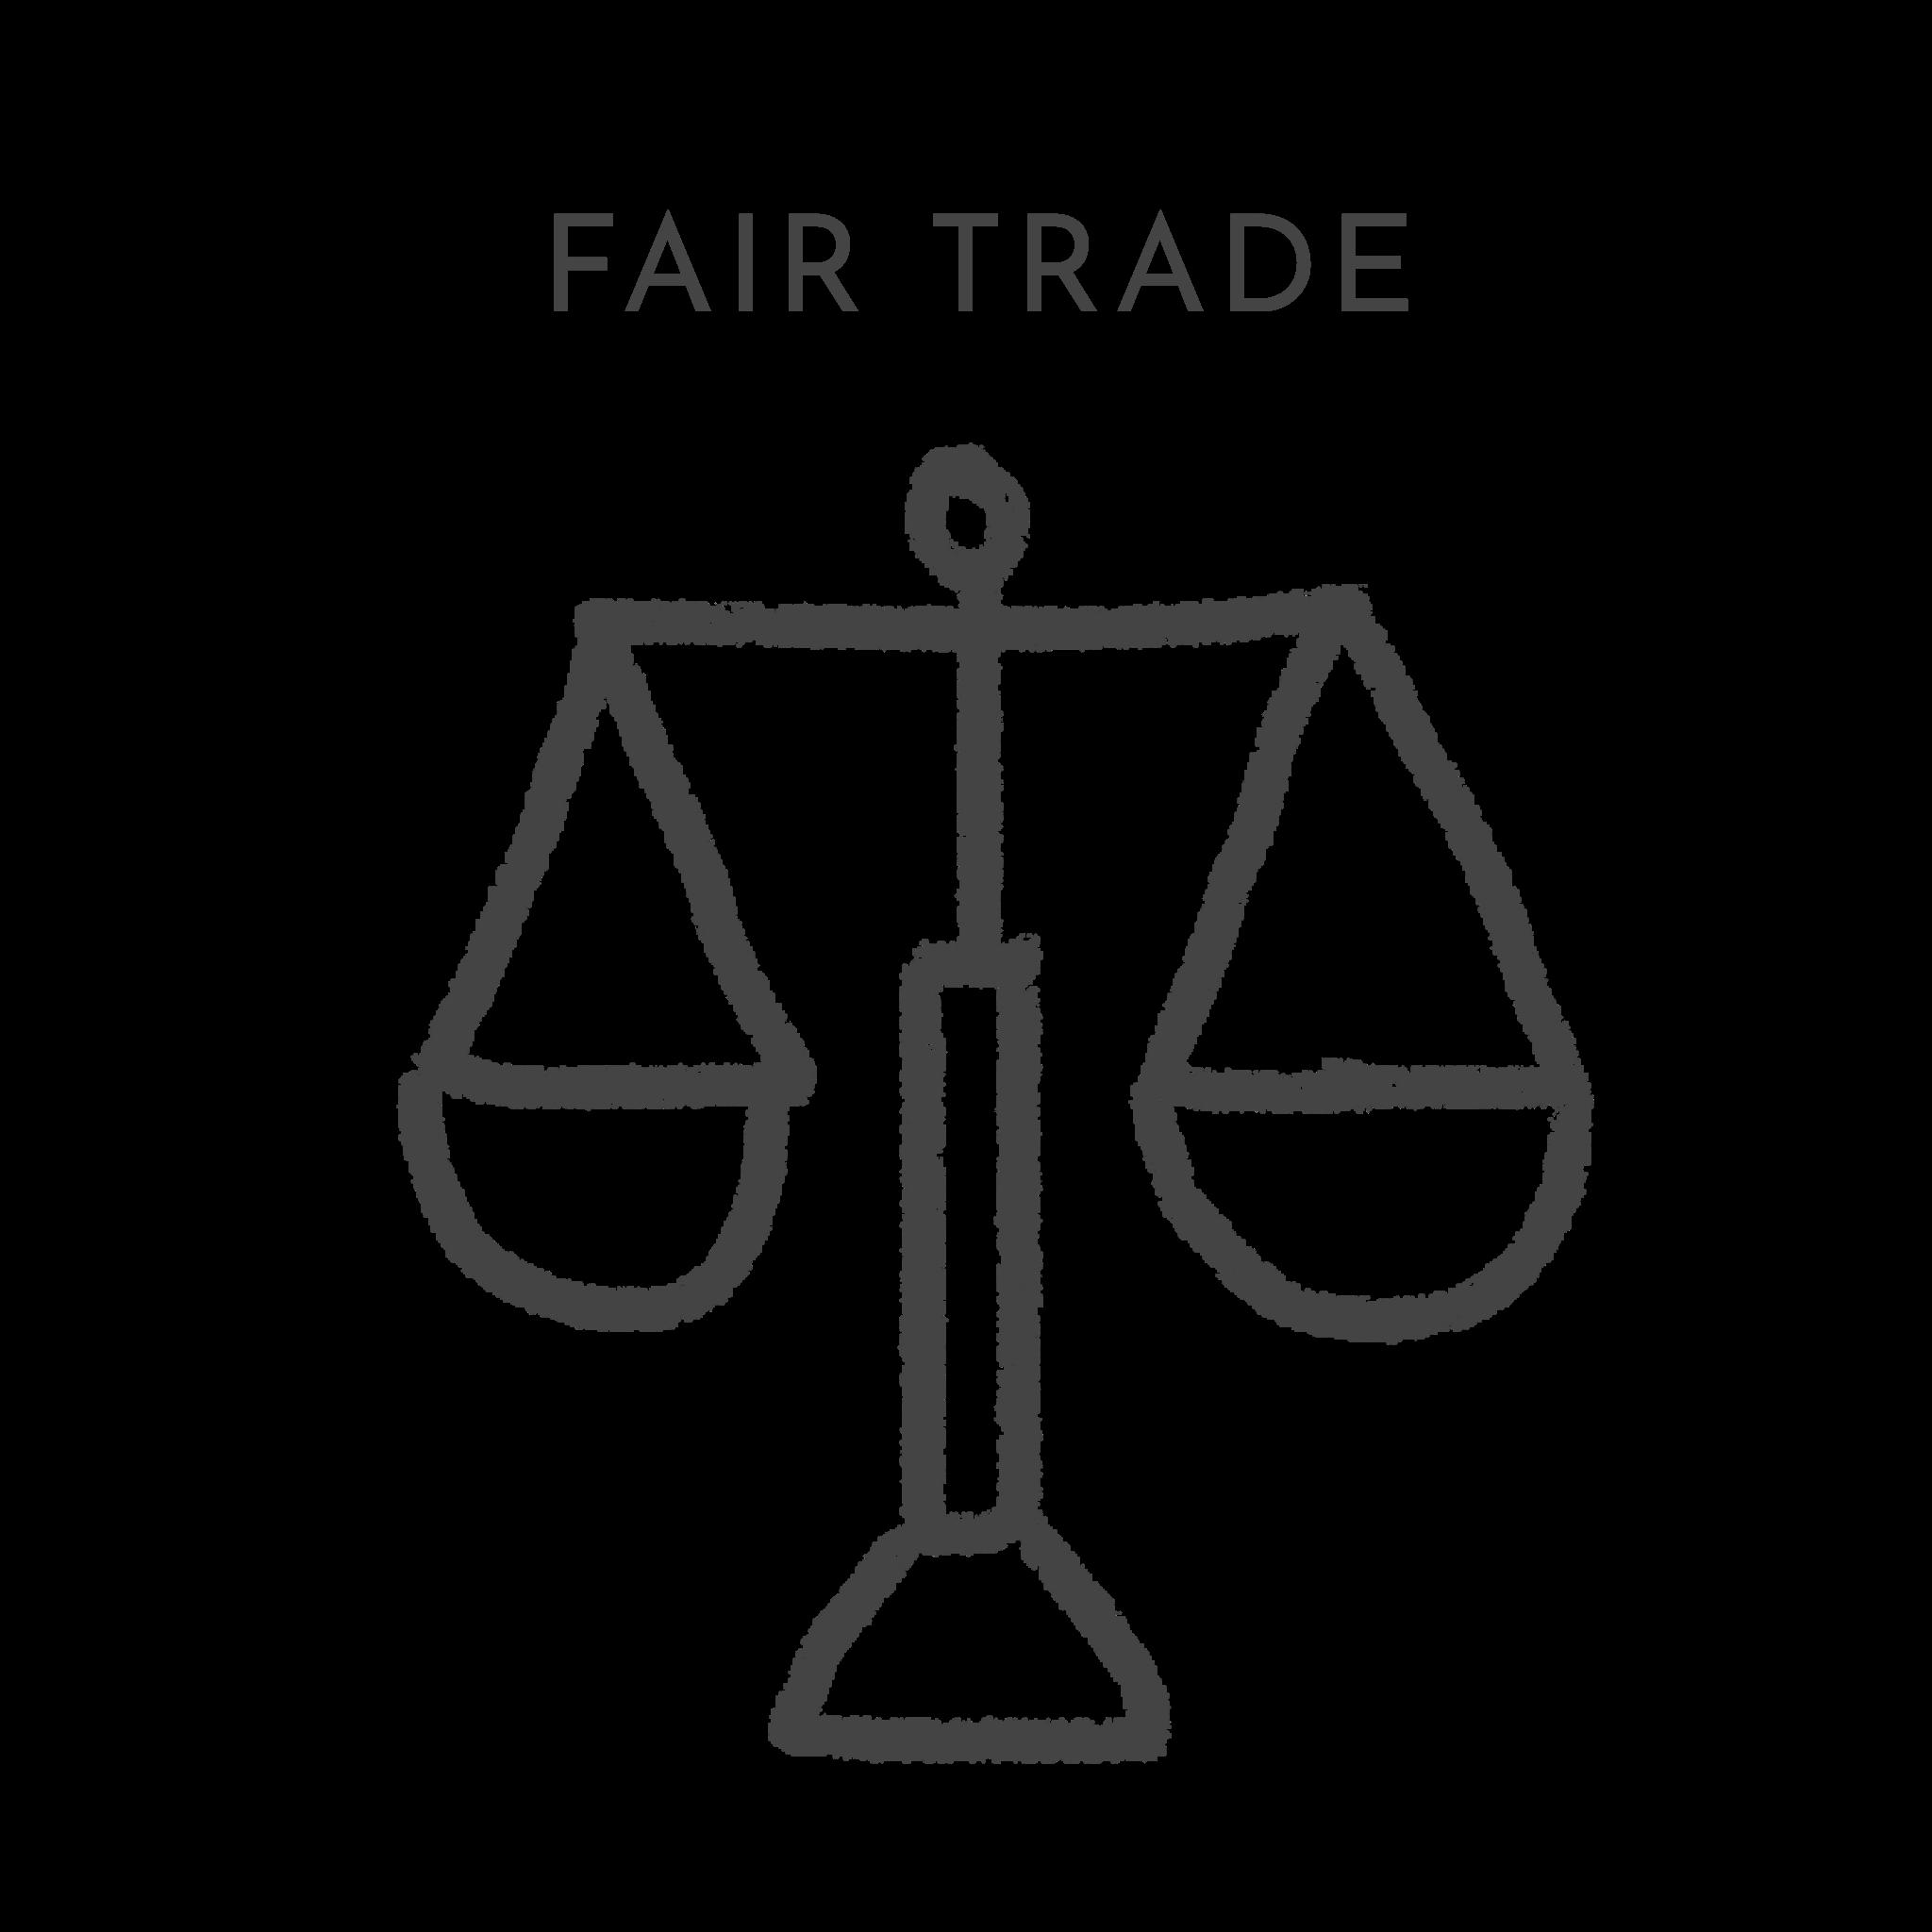 fair-trade-icon-link